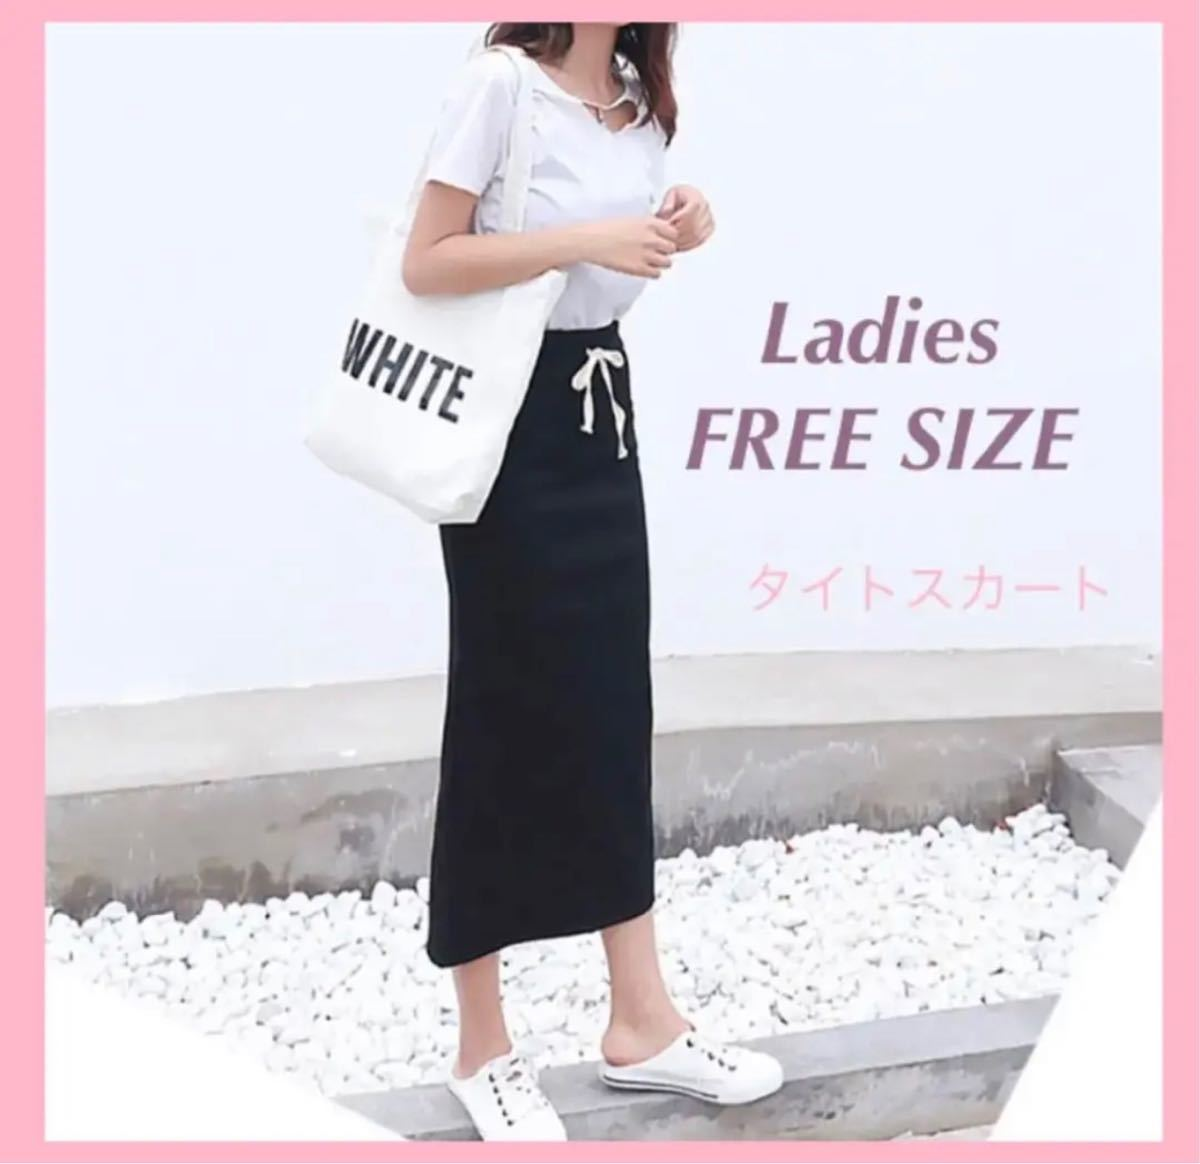 スカート 黒 タイトスカート 新品 ミモレ丈 ポケット付 フリーサイズ